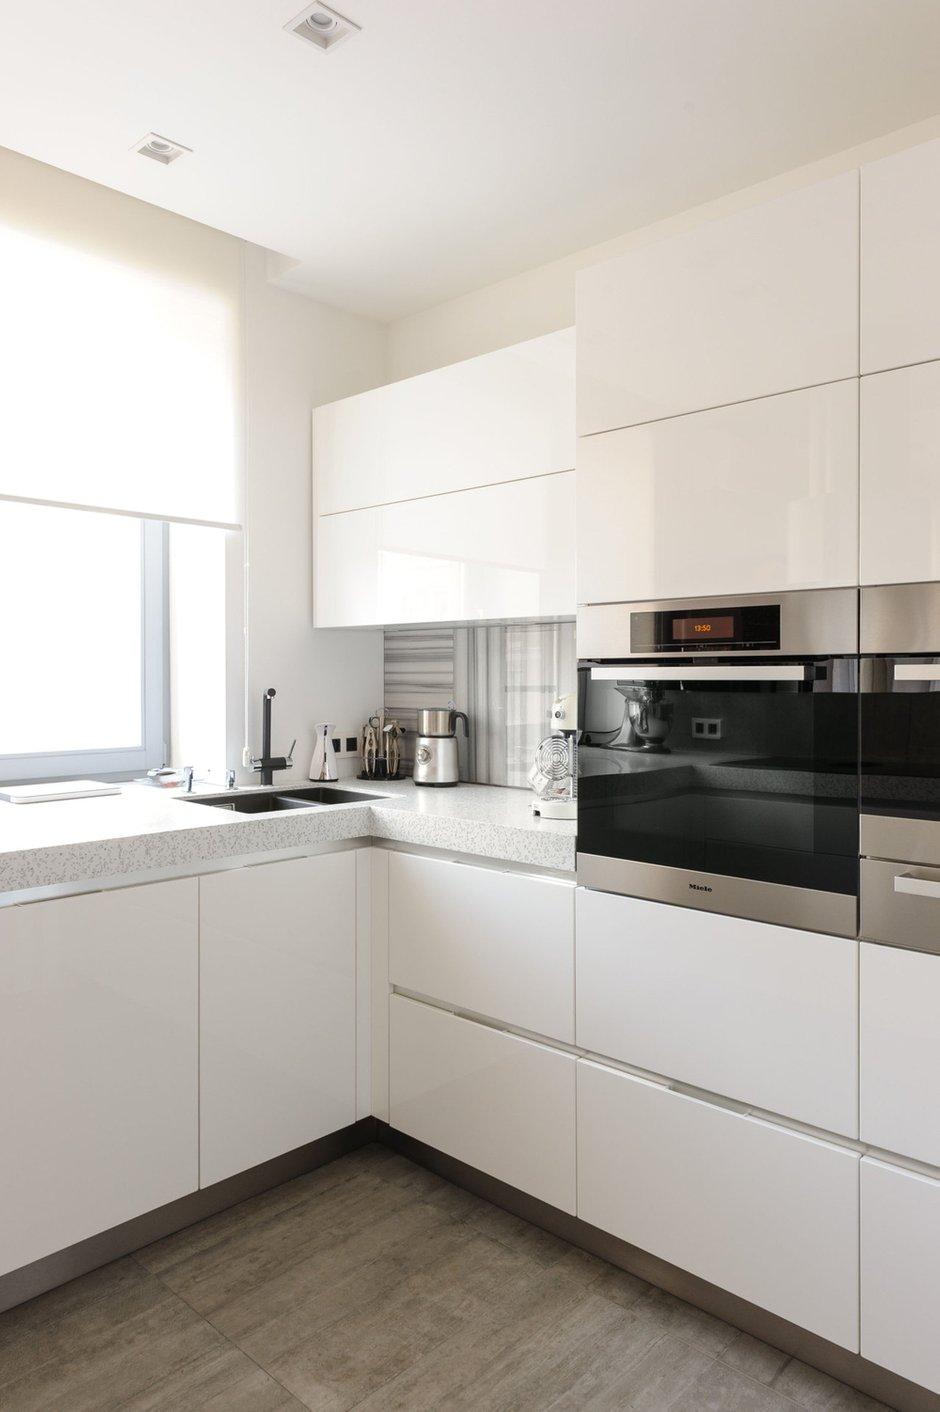 Фотография: Кухня и столовая в стиле Хай-тек, Лофт, Квартира, Дома и квартиры, Проект недели, Поп-арт – фото на INMYROOM